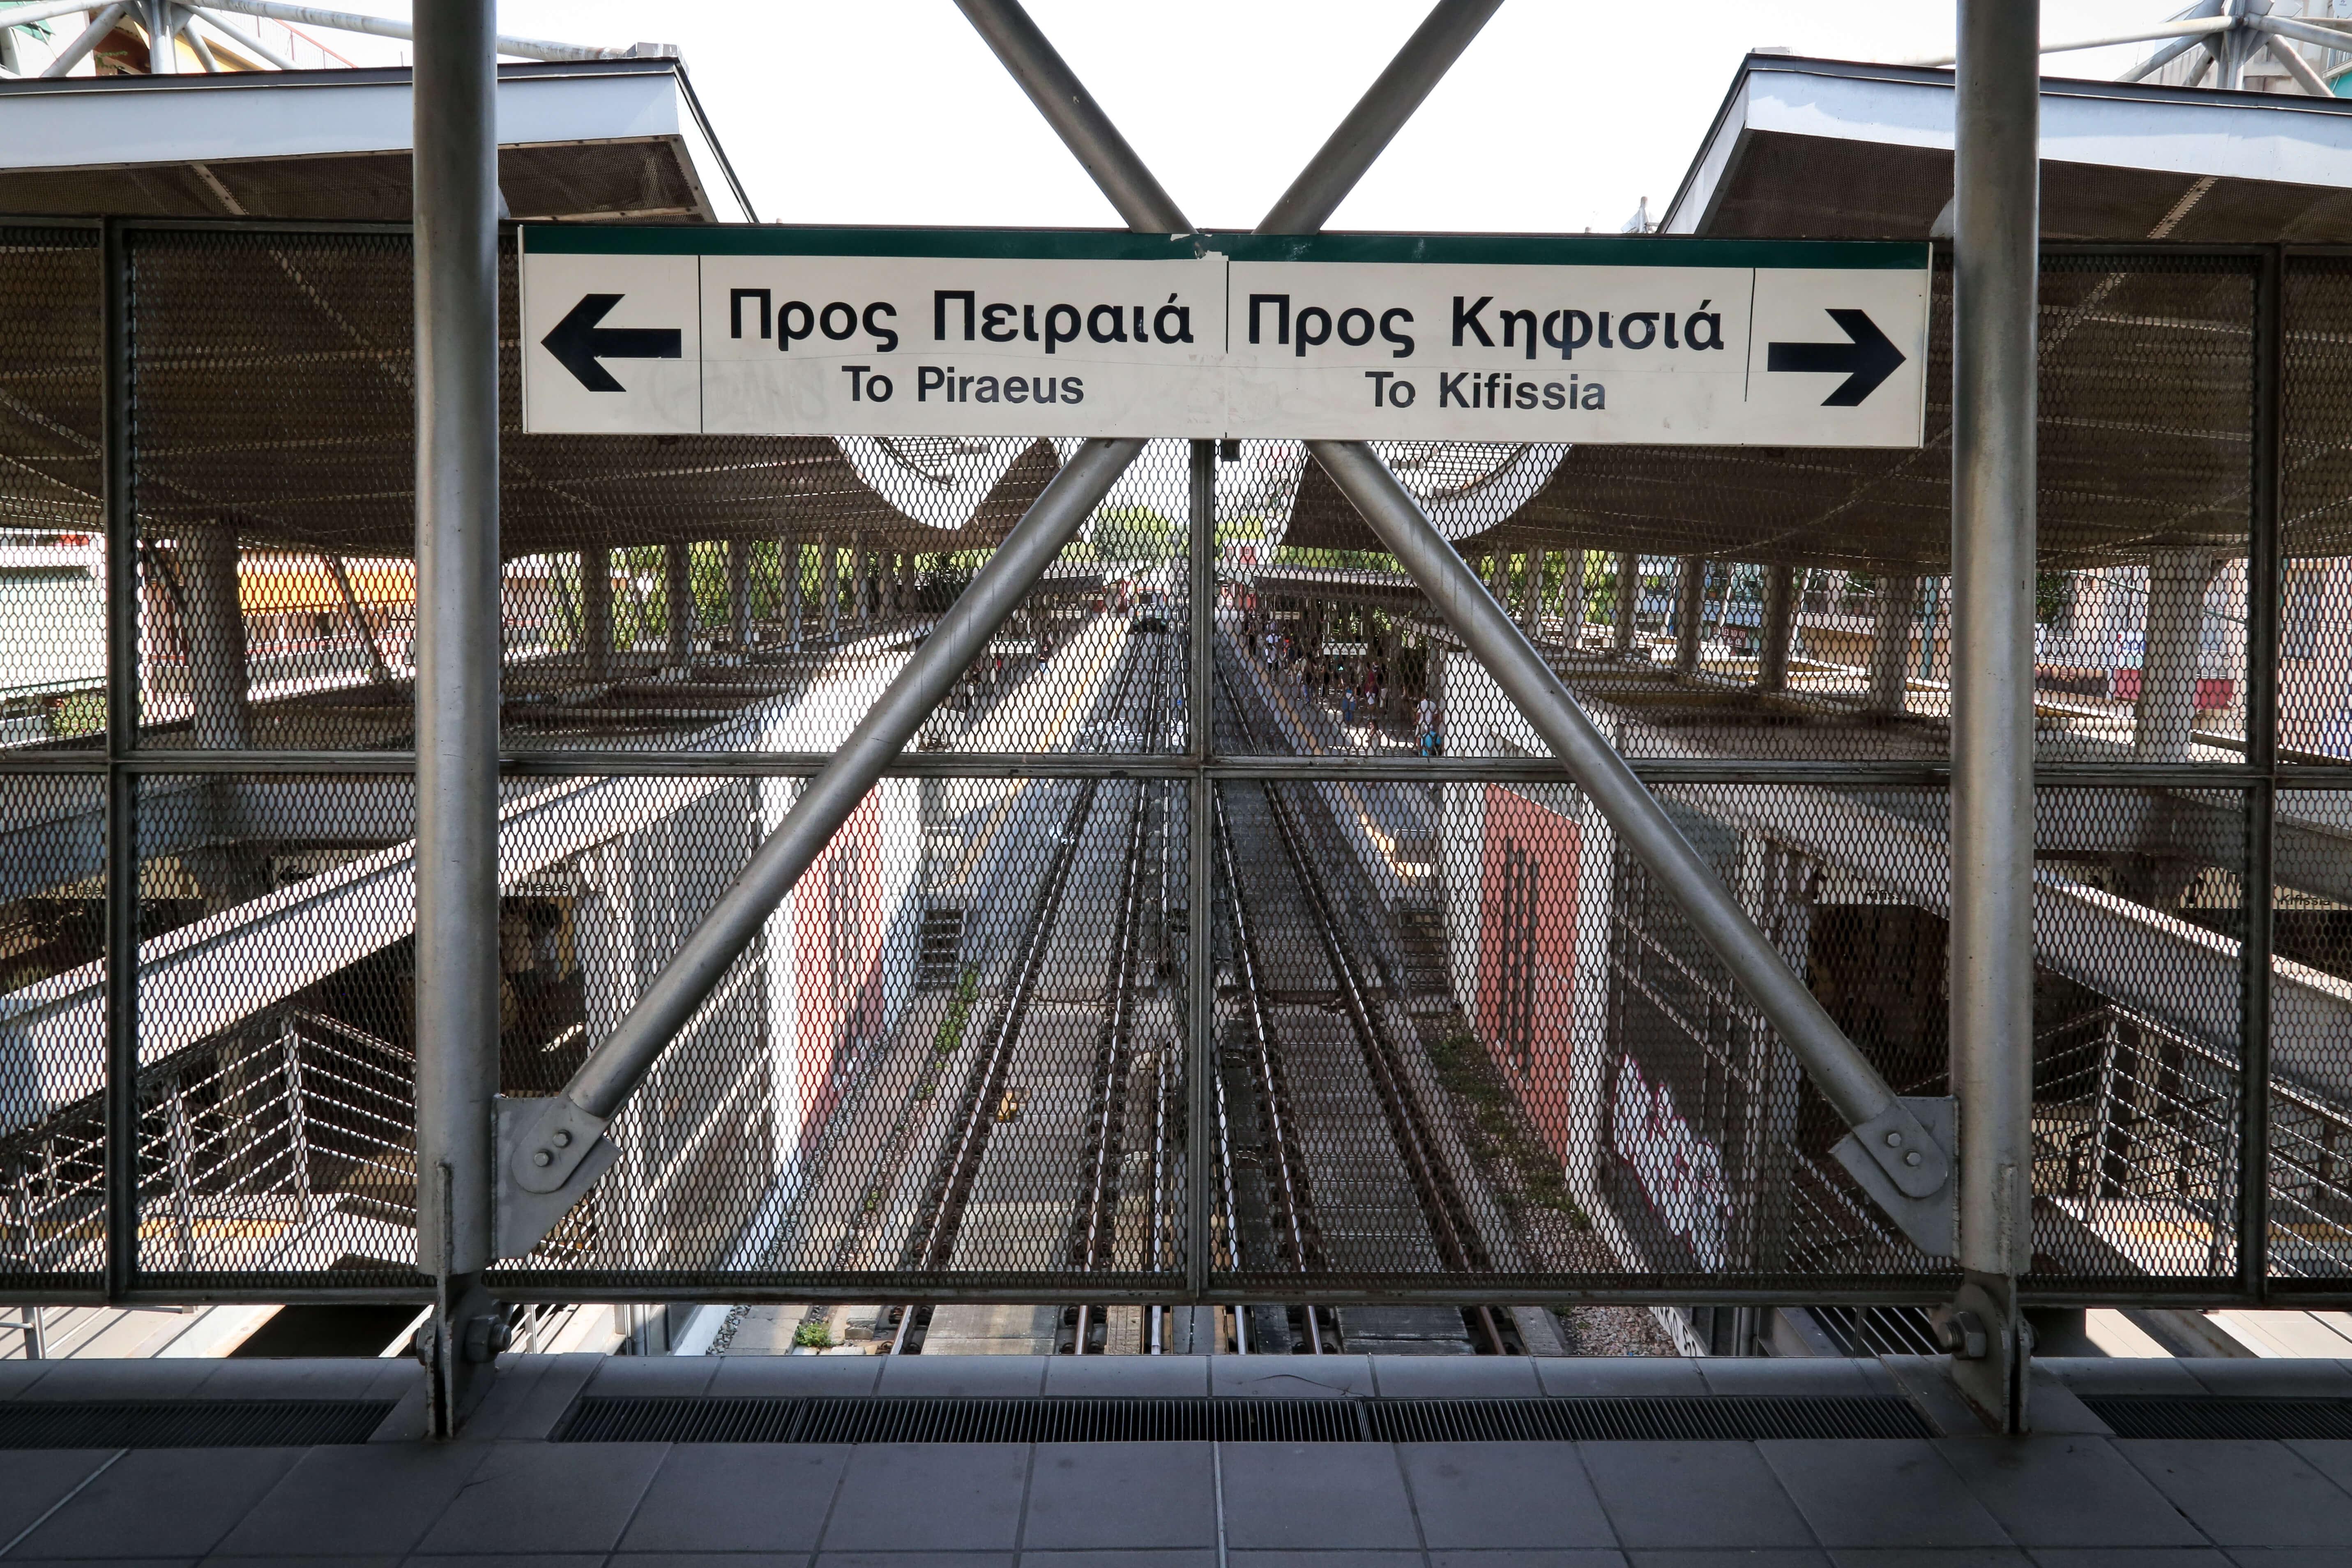 Απεργία σε Μετρό και ΗΣΑΠ – Πως θα κινηθούν τα Μέσα Μαζικής Μεταφοράς